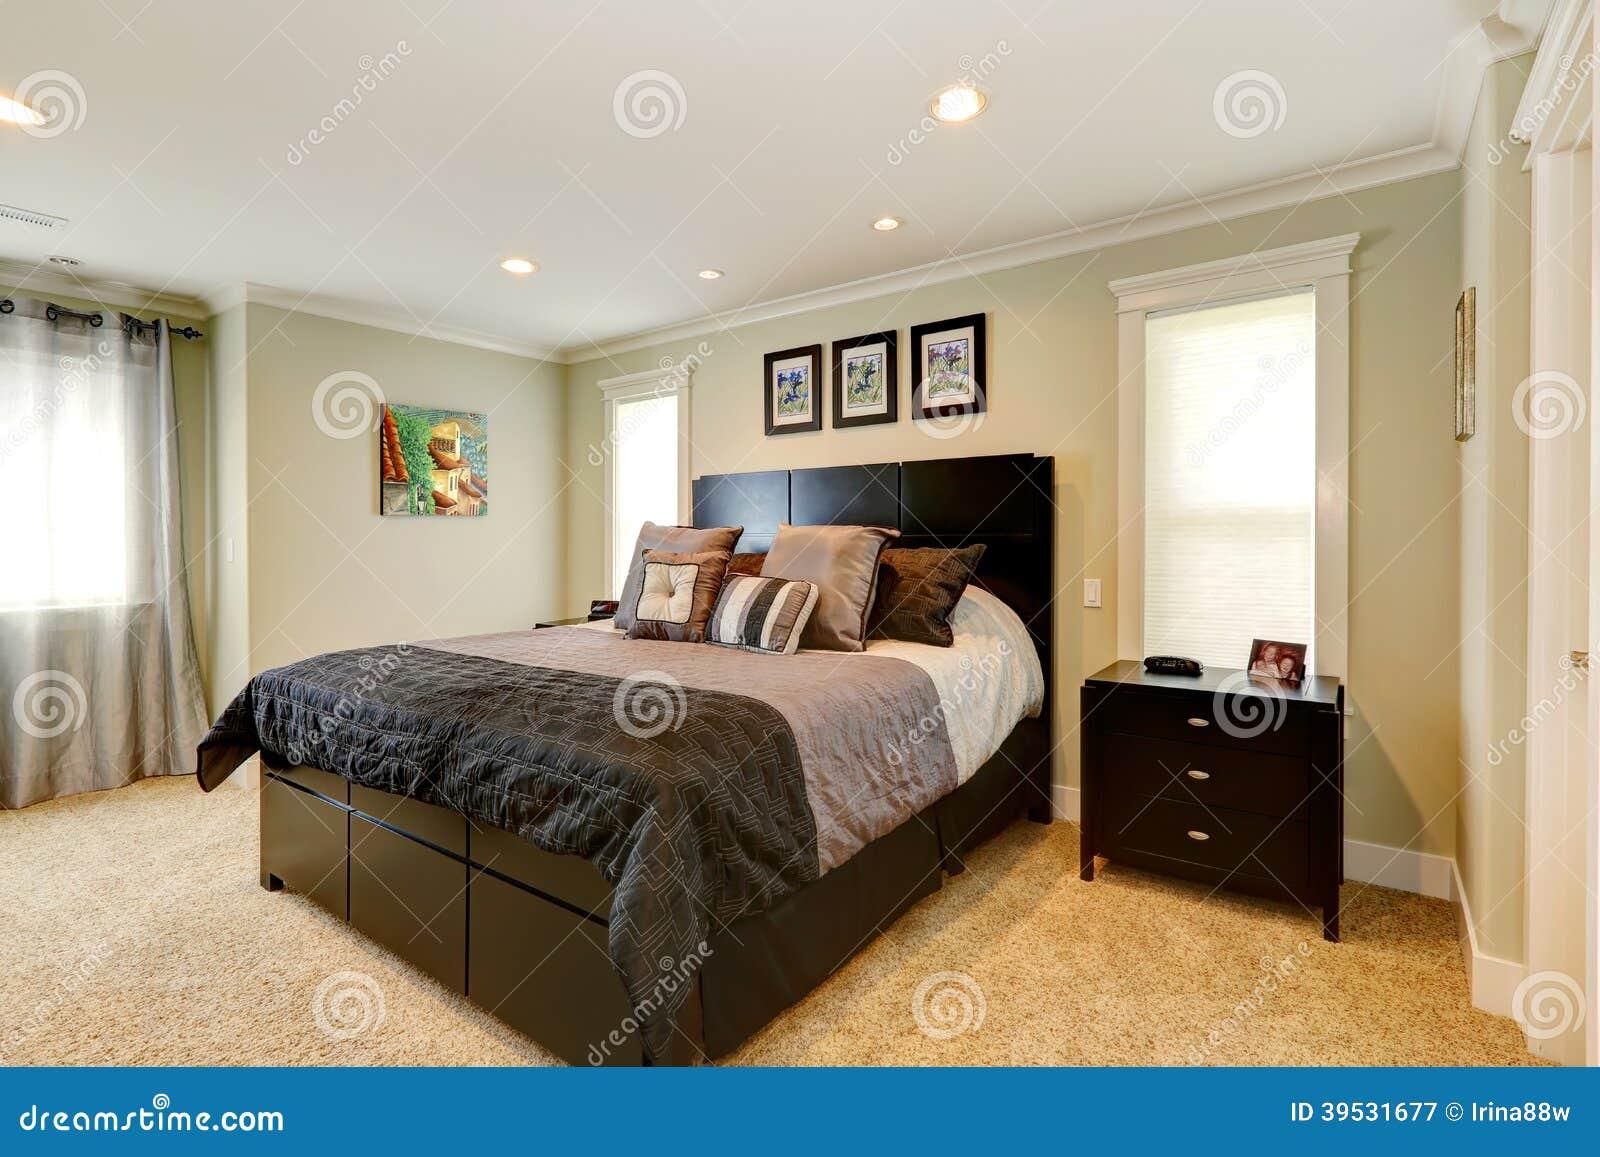 Ensemble chambre a coucher chambre a coucher noir moderne for Ensemble de meuble de chambre